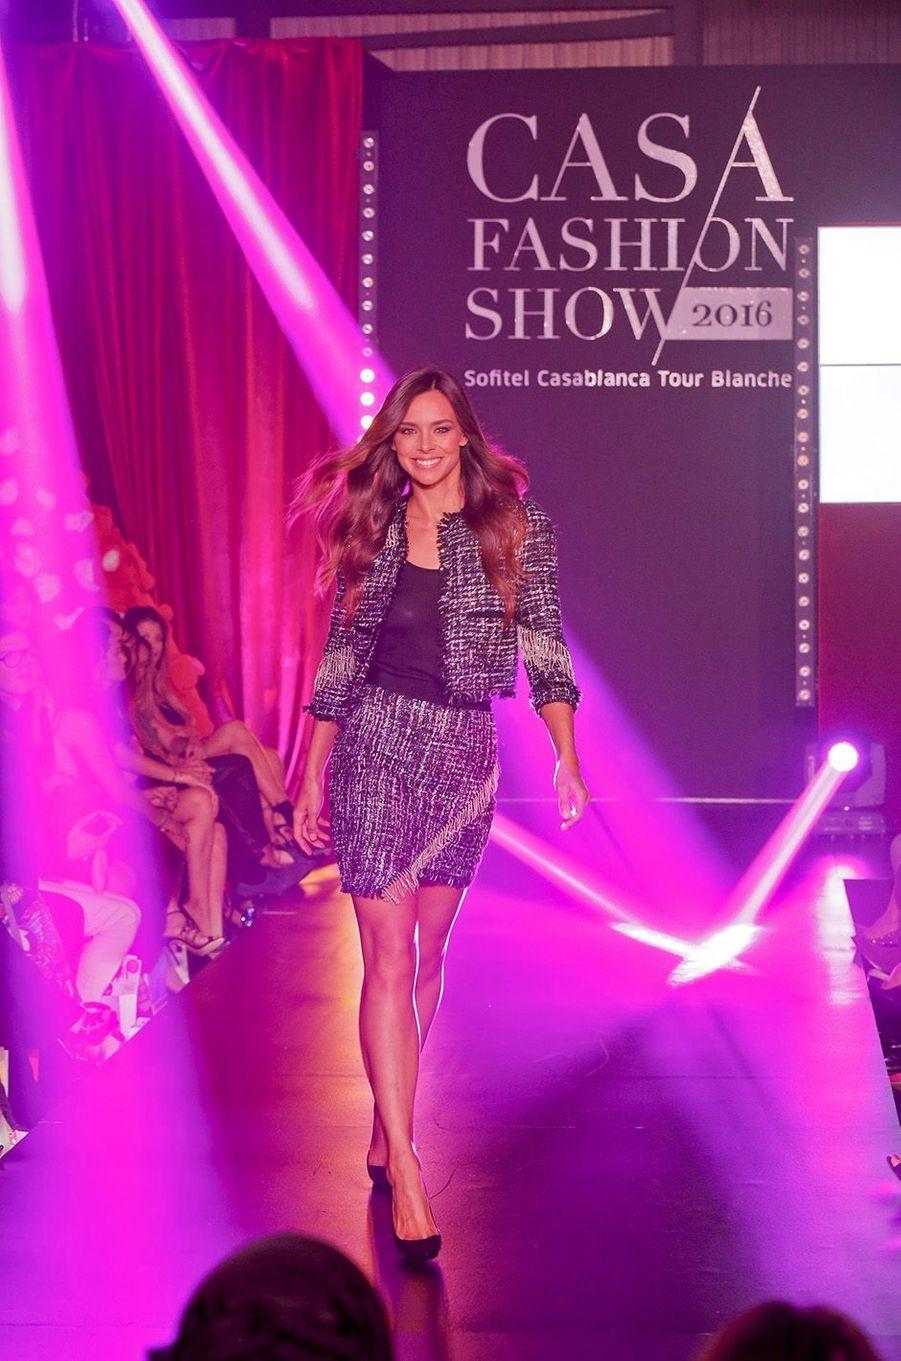 L'ancienne Miss France, Marine Lorphelin, était venue défiler pour la 9e édition du Casa Fashion Show.